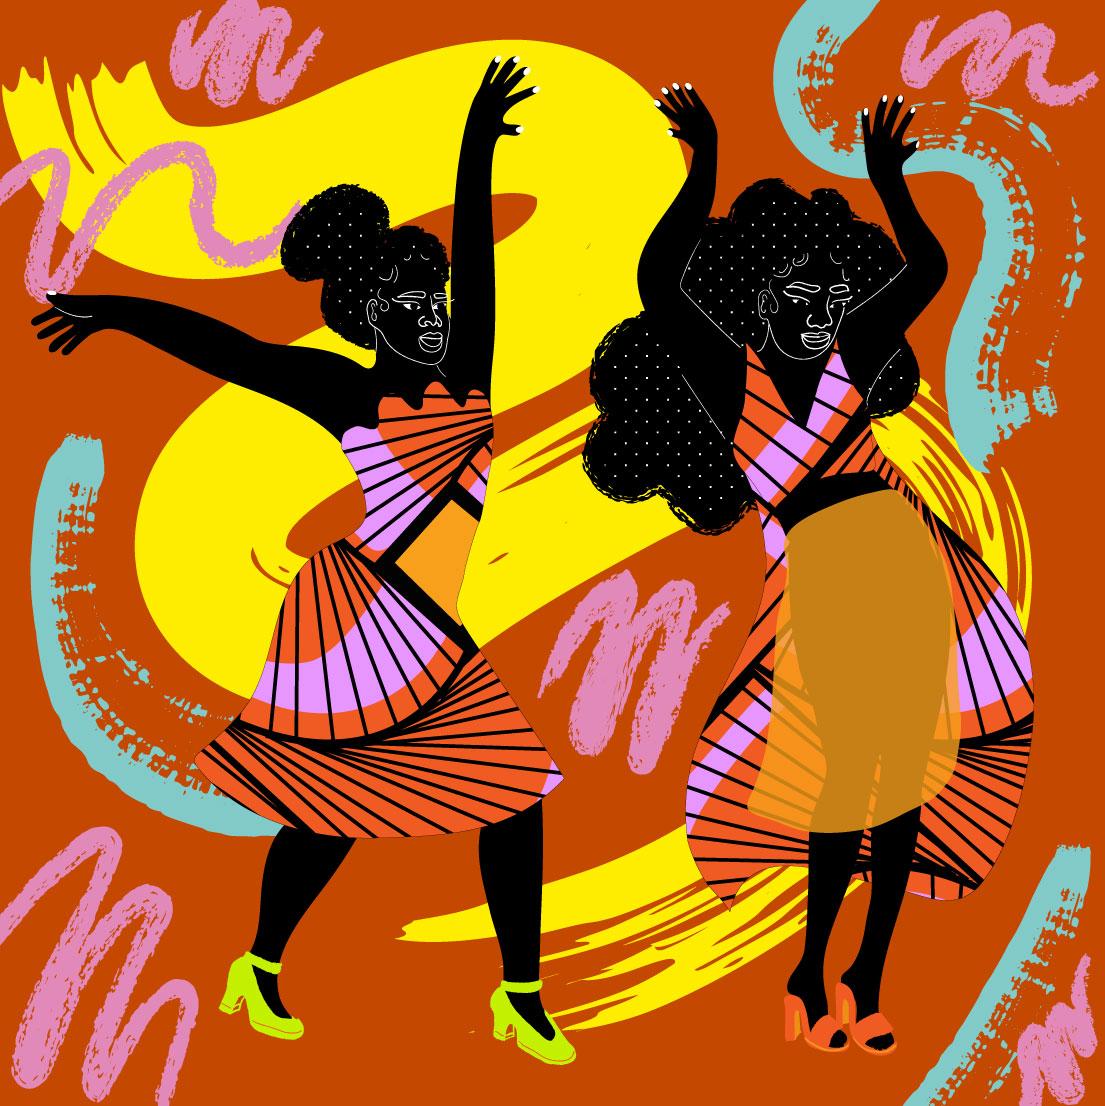 dance, confetti, brown, yellow, black, women, duo, women duo, motion, sport